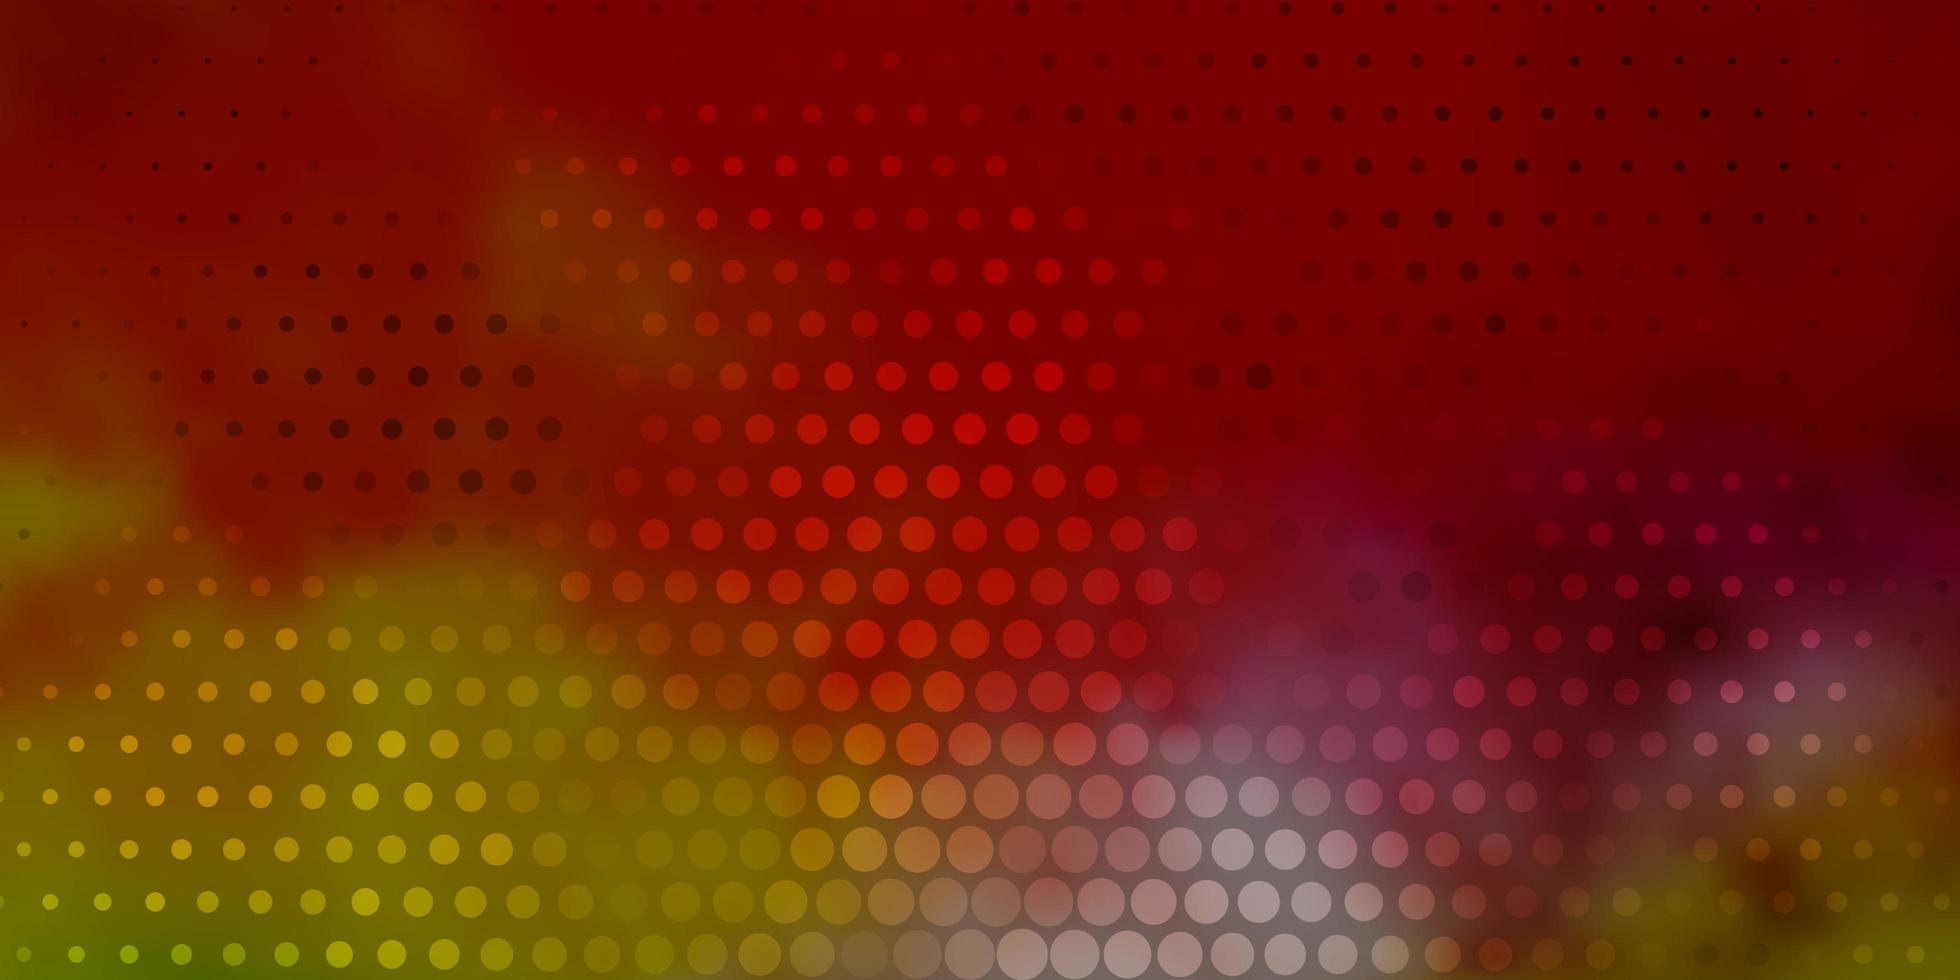 ljus flerfärgad vektorbakgrund med bubblor. vektor